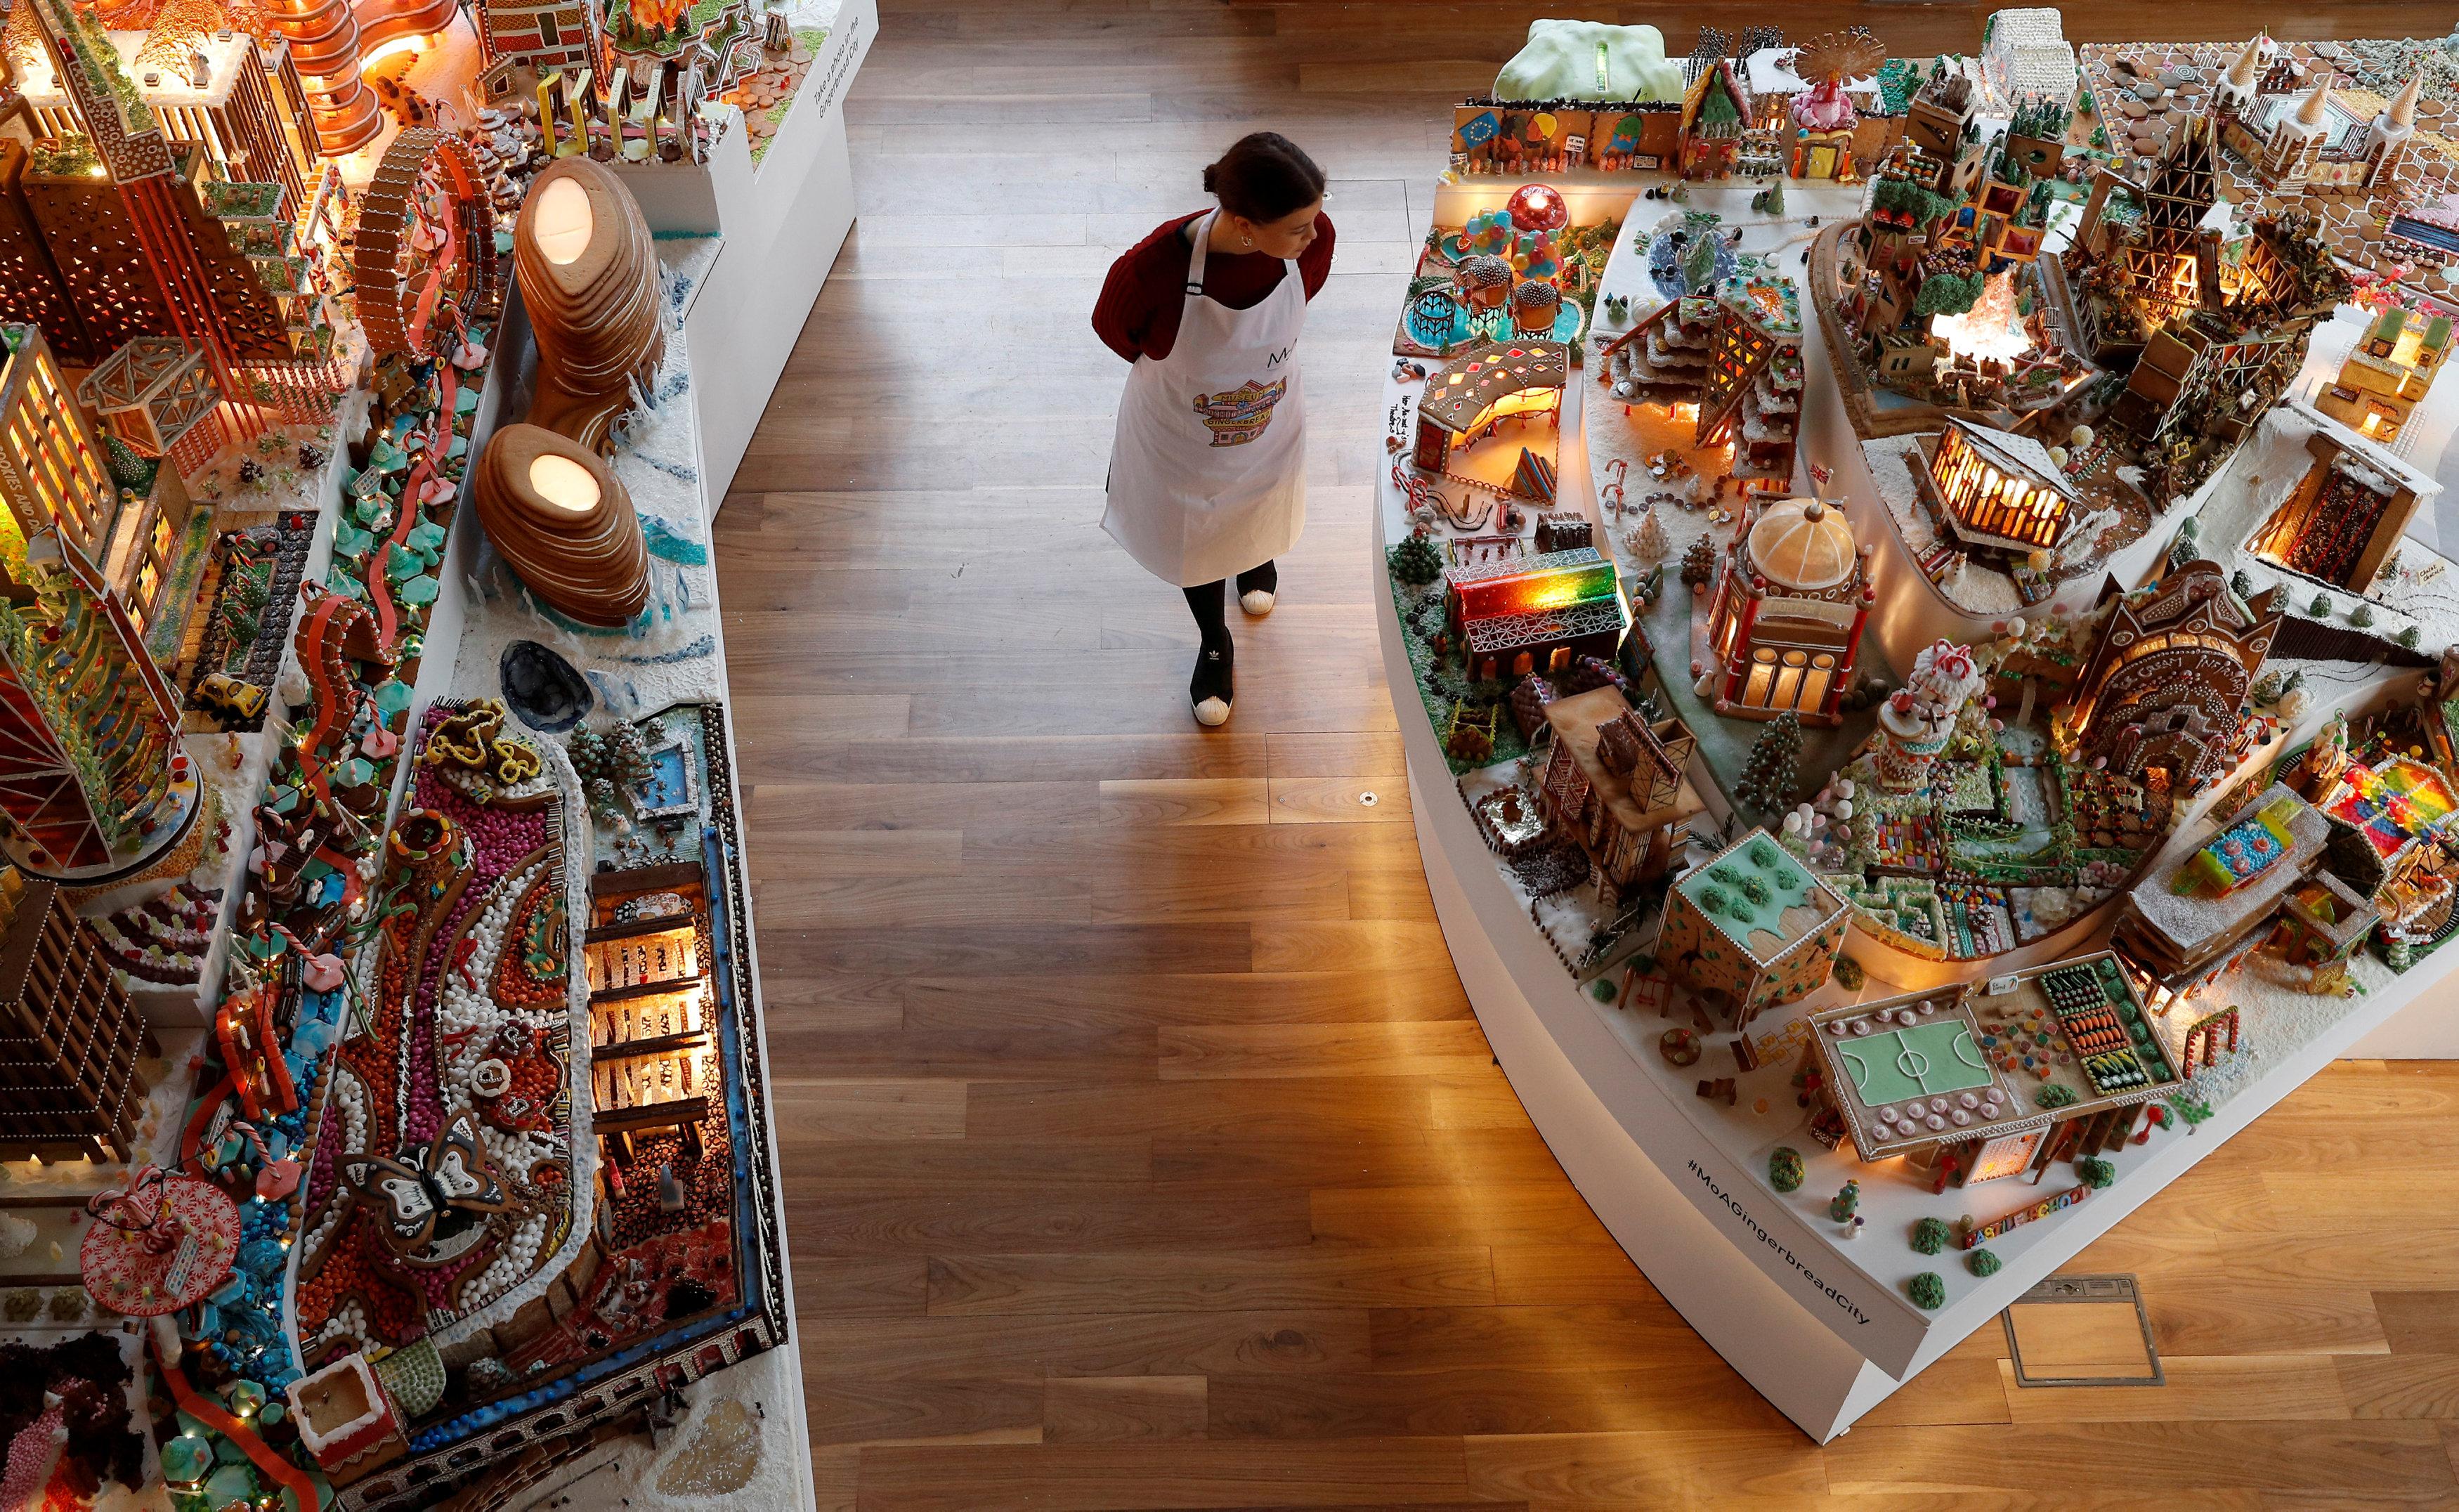 أحد مسؤولى المتحف تلقى نظرة على المدينة الخيالية